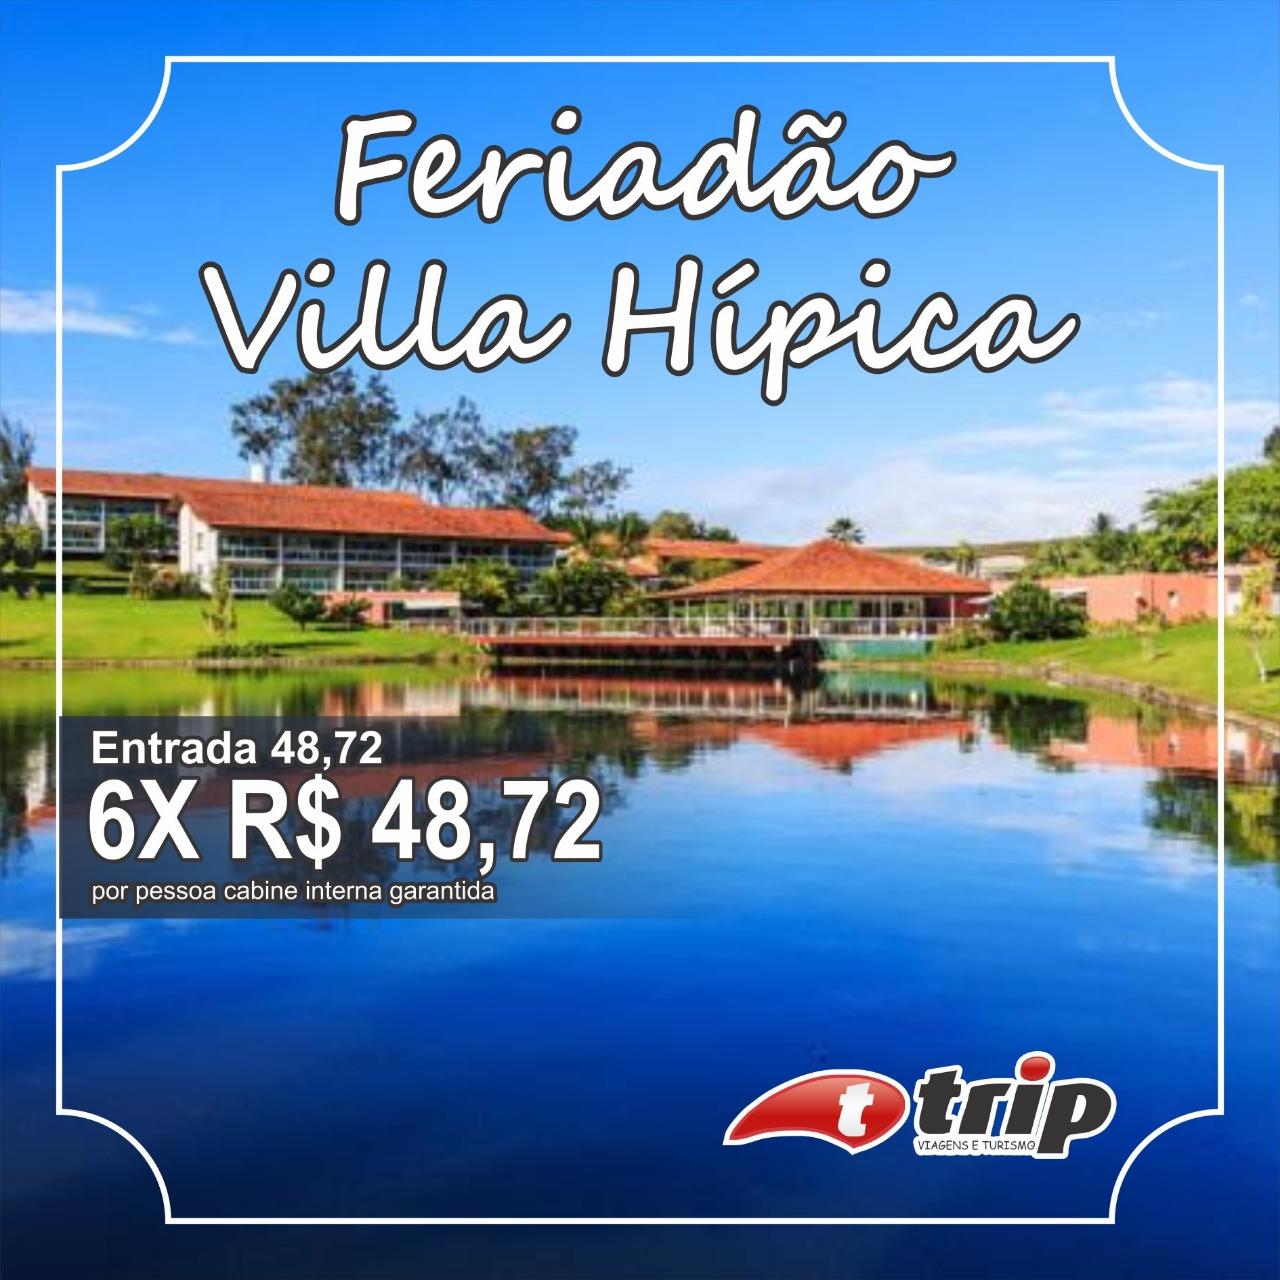 Vila Hípica